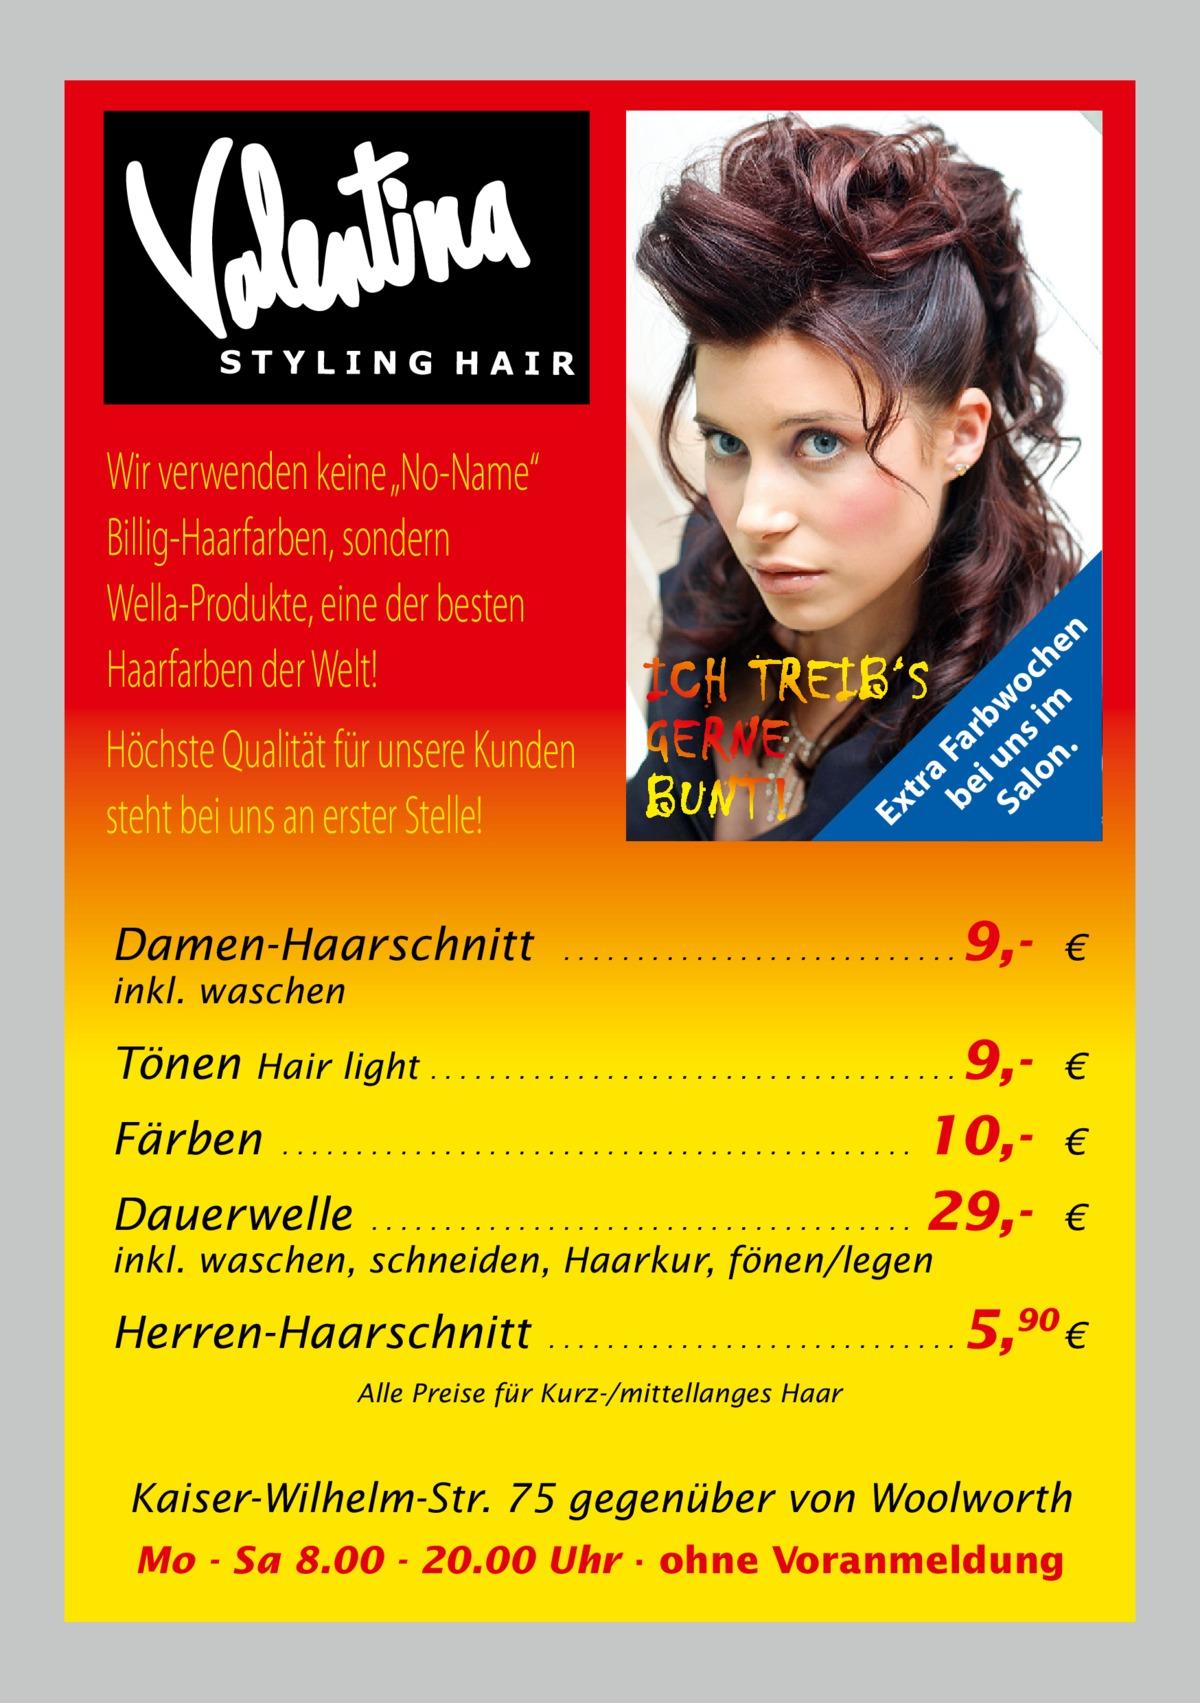 """Damen-Haarschnitt  tr a be Fa i rb Sa un wo lo s im ch n. en  Ex  Wir verwenden keine """"No-Name"""" Billig-Haarfarben, sondern Wella-Produkte, eine der besten Haarfarben der Welt! Höchste Qualität für unsere Kunden steht bei uns an erster Stelle!  ...........................  inkl. waschen  Tönen  9, €  Hair light . . . . . . . . . . . . . . . . . . . . . . . . . . . . . . . . . . . . 9,- €  10,Dauerwelle . . . . . . . . . . . . . . . . . . . . . . . . . . . . . . . . . . . . . 29,Färben  ...........................................  € €  inkl. waschen, schneiden, Haarkur, fönen/legen  Herren-Haarschnitt  ............................  5,90 €  Alle Preise für Kurz-/mittellanges Haar  Kaiser-Wilhelm-Str. 75 gegenüber von Woolworth Mo - Sa 8.00 - 20.00 Uhr · ohne Voranmeldung"""